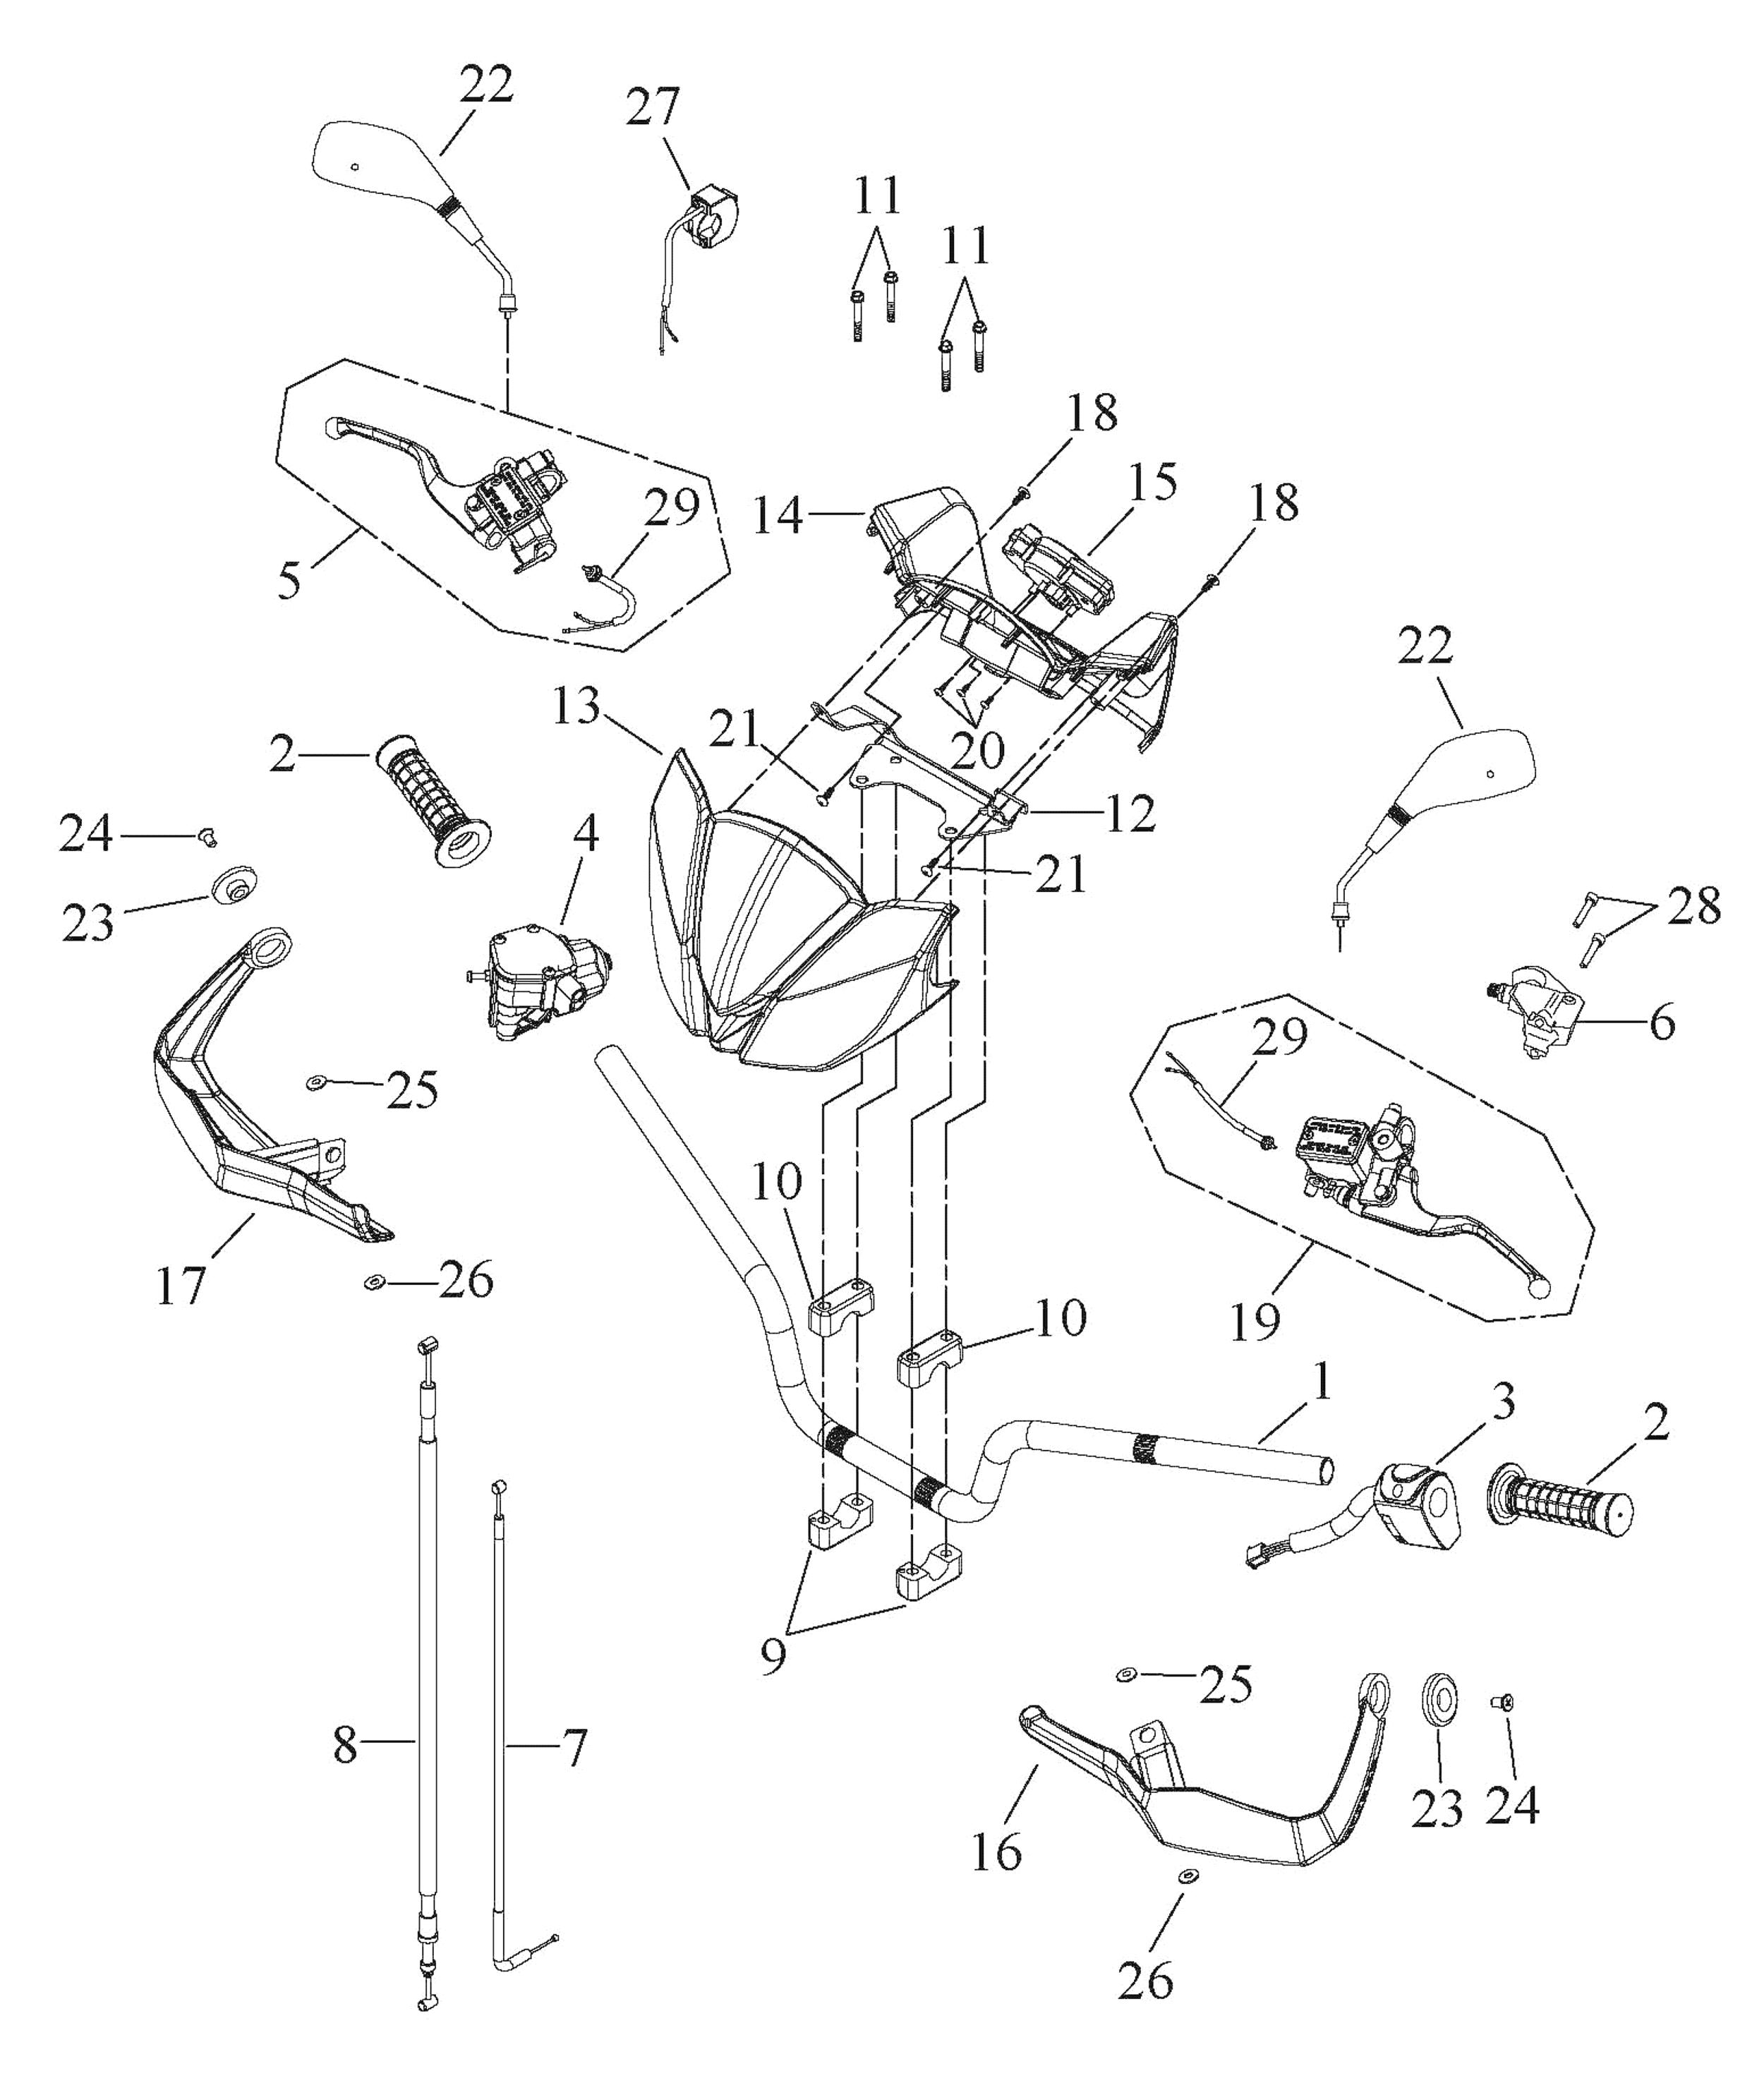 Lenker, Schalter, Spiegel, Cockpit, Züge